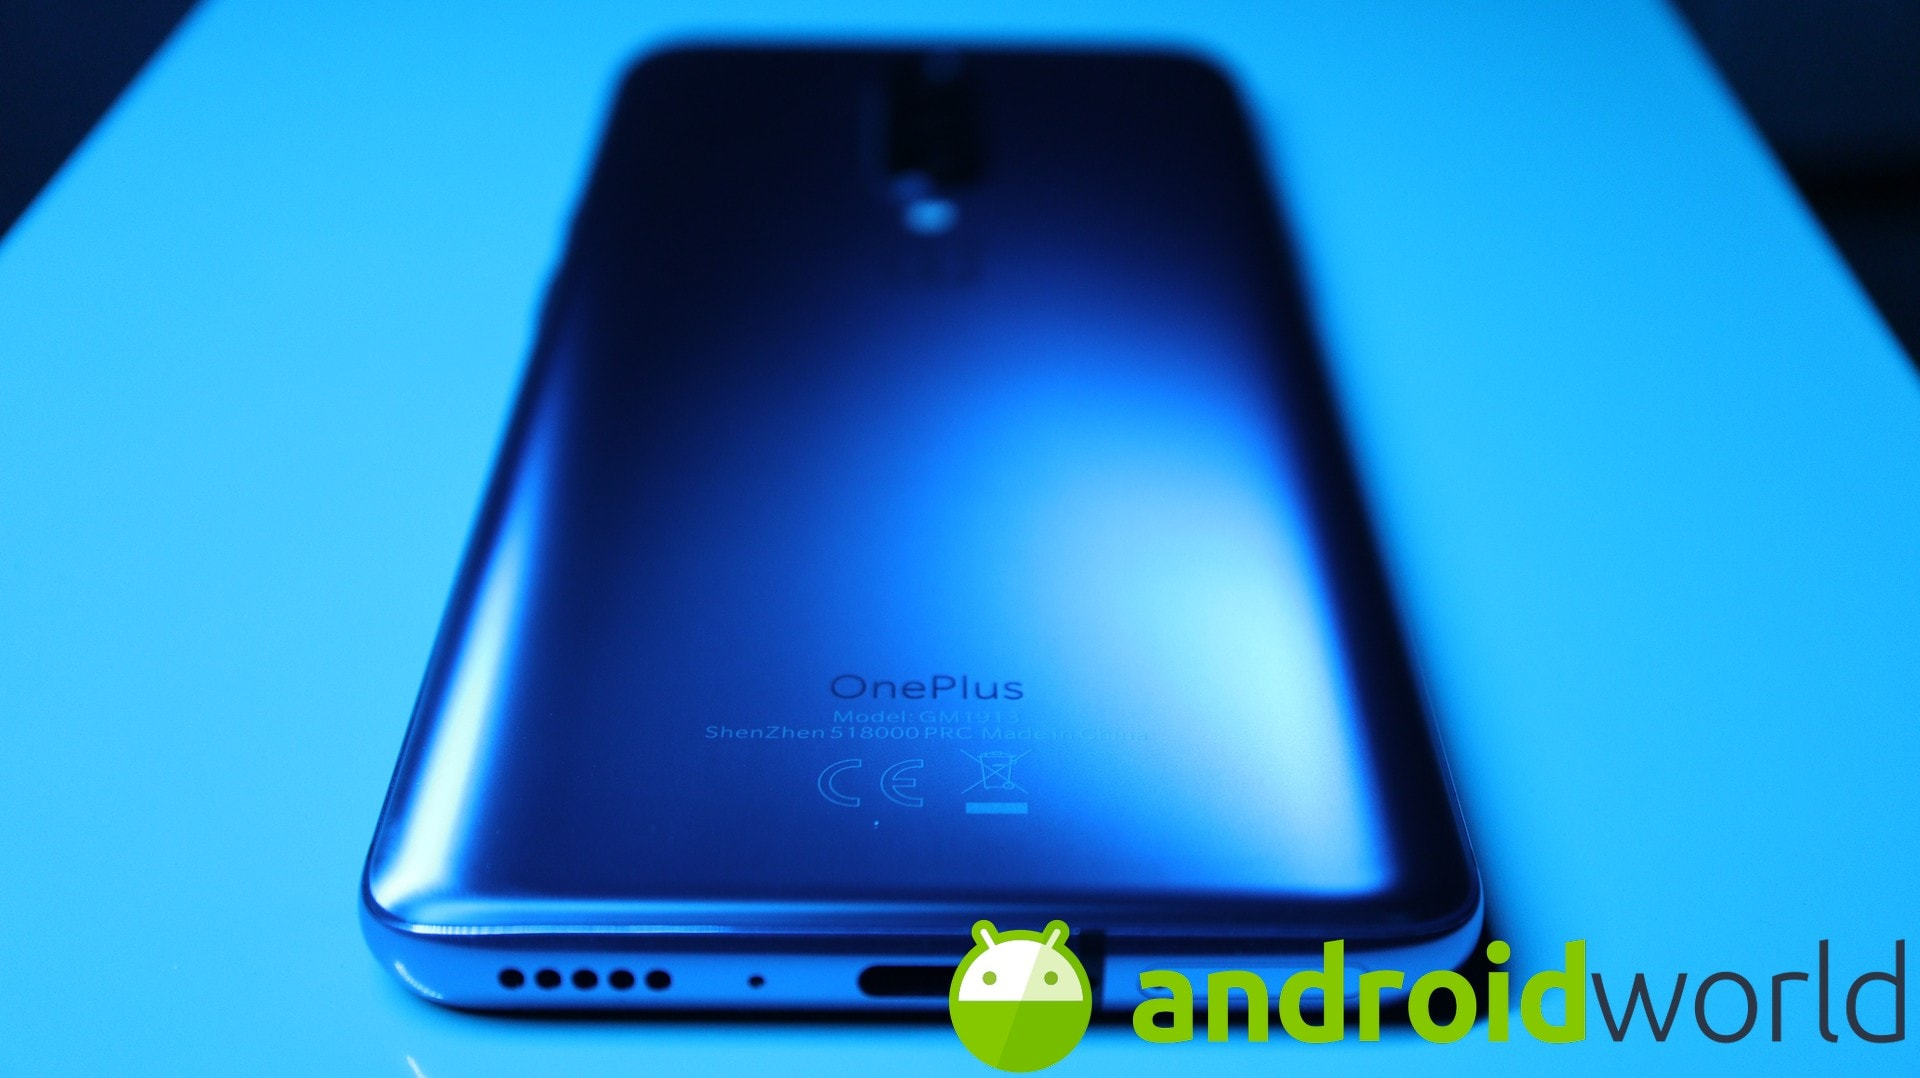 OnePlus 7 Pro riceve la OxygenOS 9.5.7: tantissimi miglioramenti alla fotocamera ed ottimizzazioni al sistema